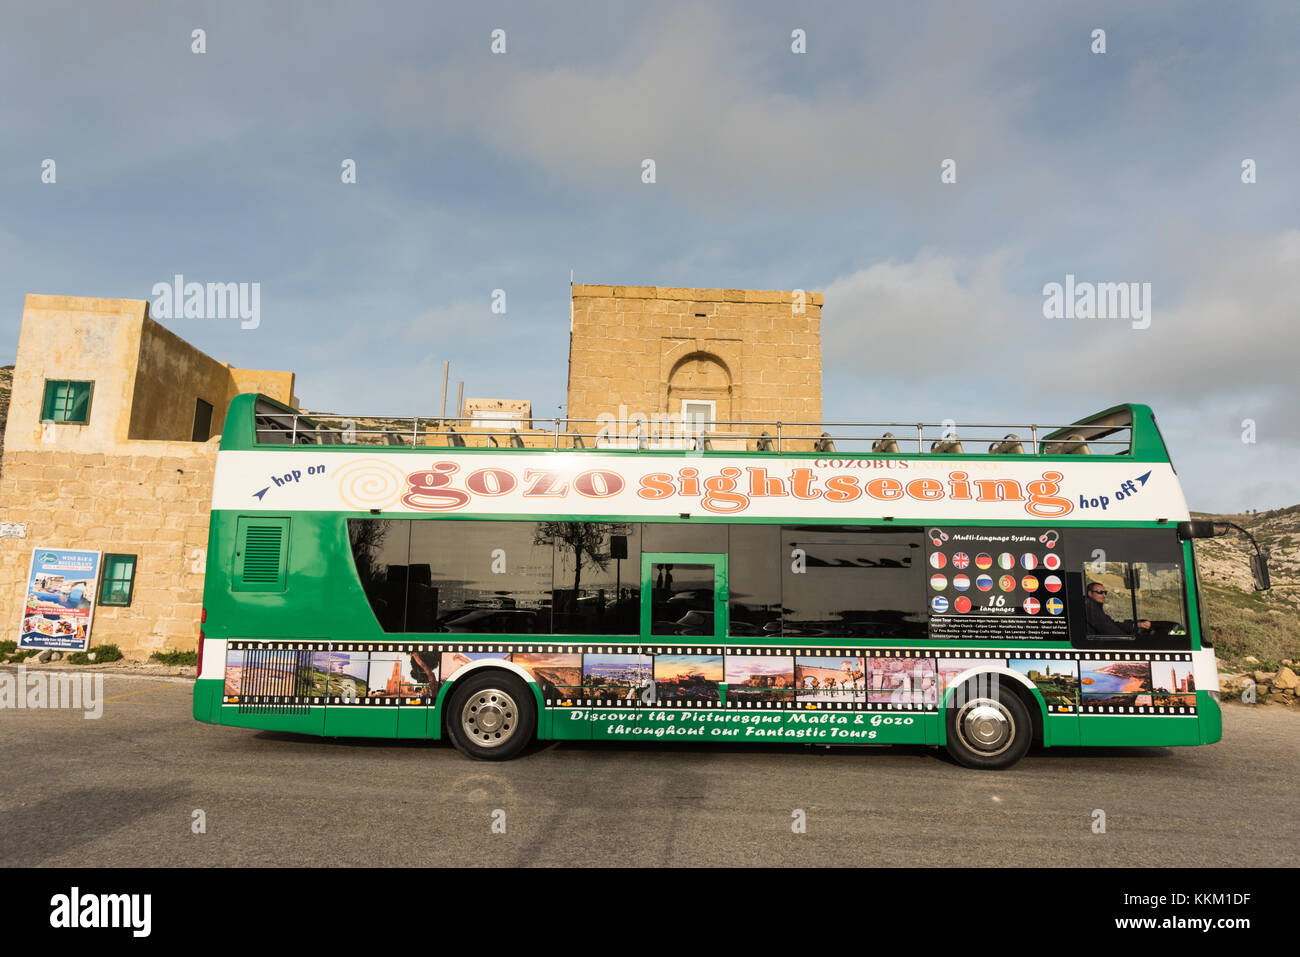 Un viaje de recorrido turístico en autobús o autocar, en la isla de Gozo, Malta, Europa. Imagen De Stock